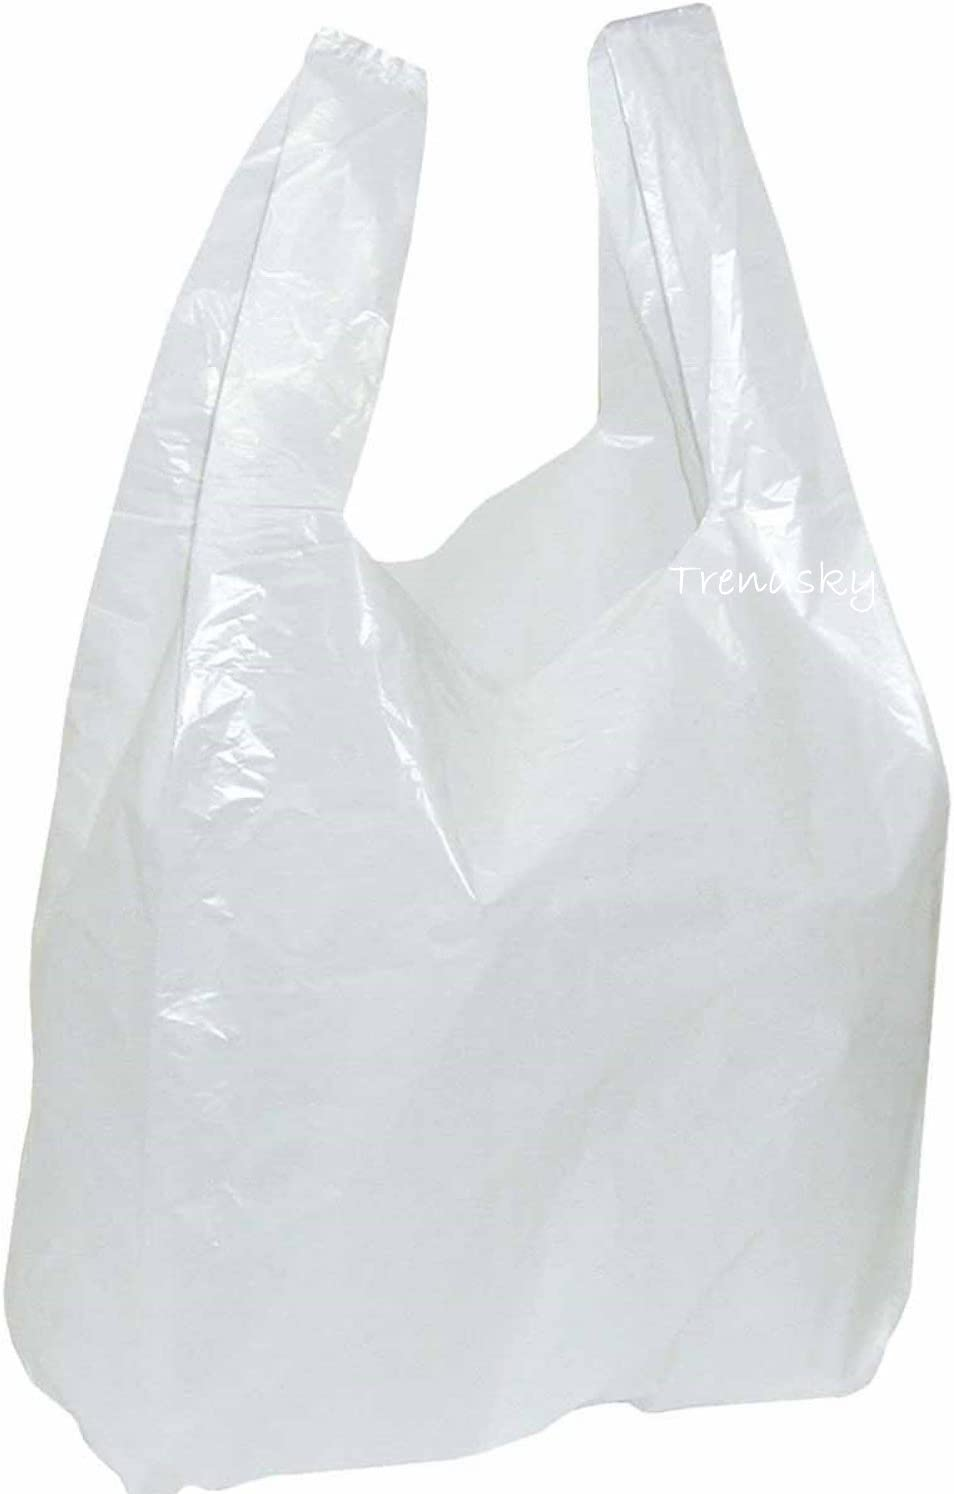 14/x 48/cm Sacchetti Hemdchen Borse Sacchetto Bianco trendsky/® 2000/pezzi 28/